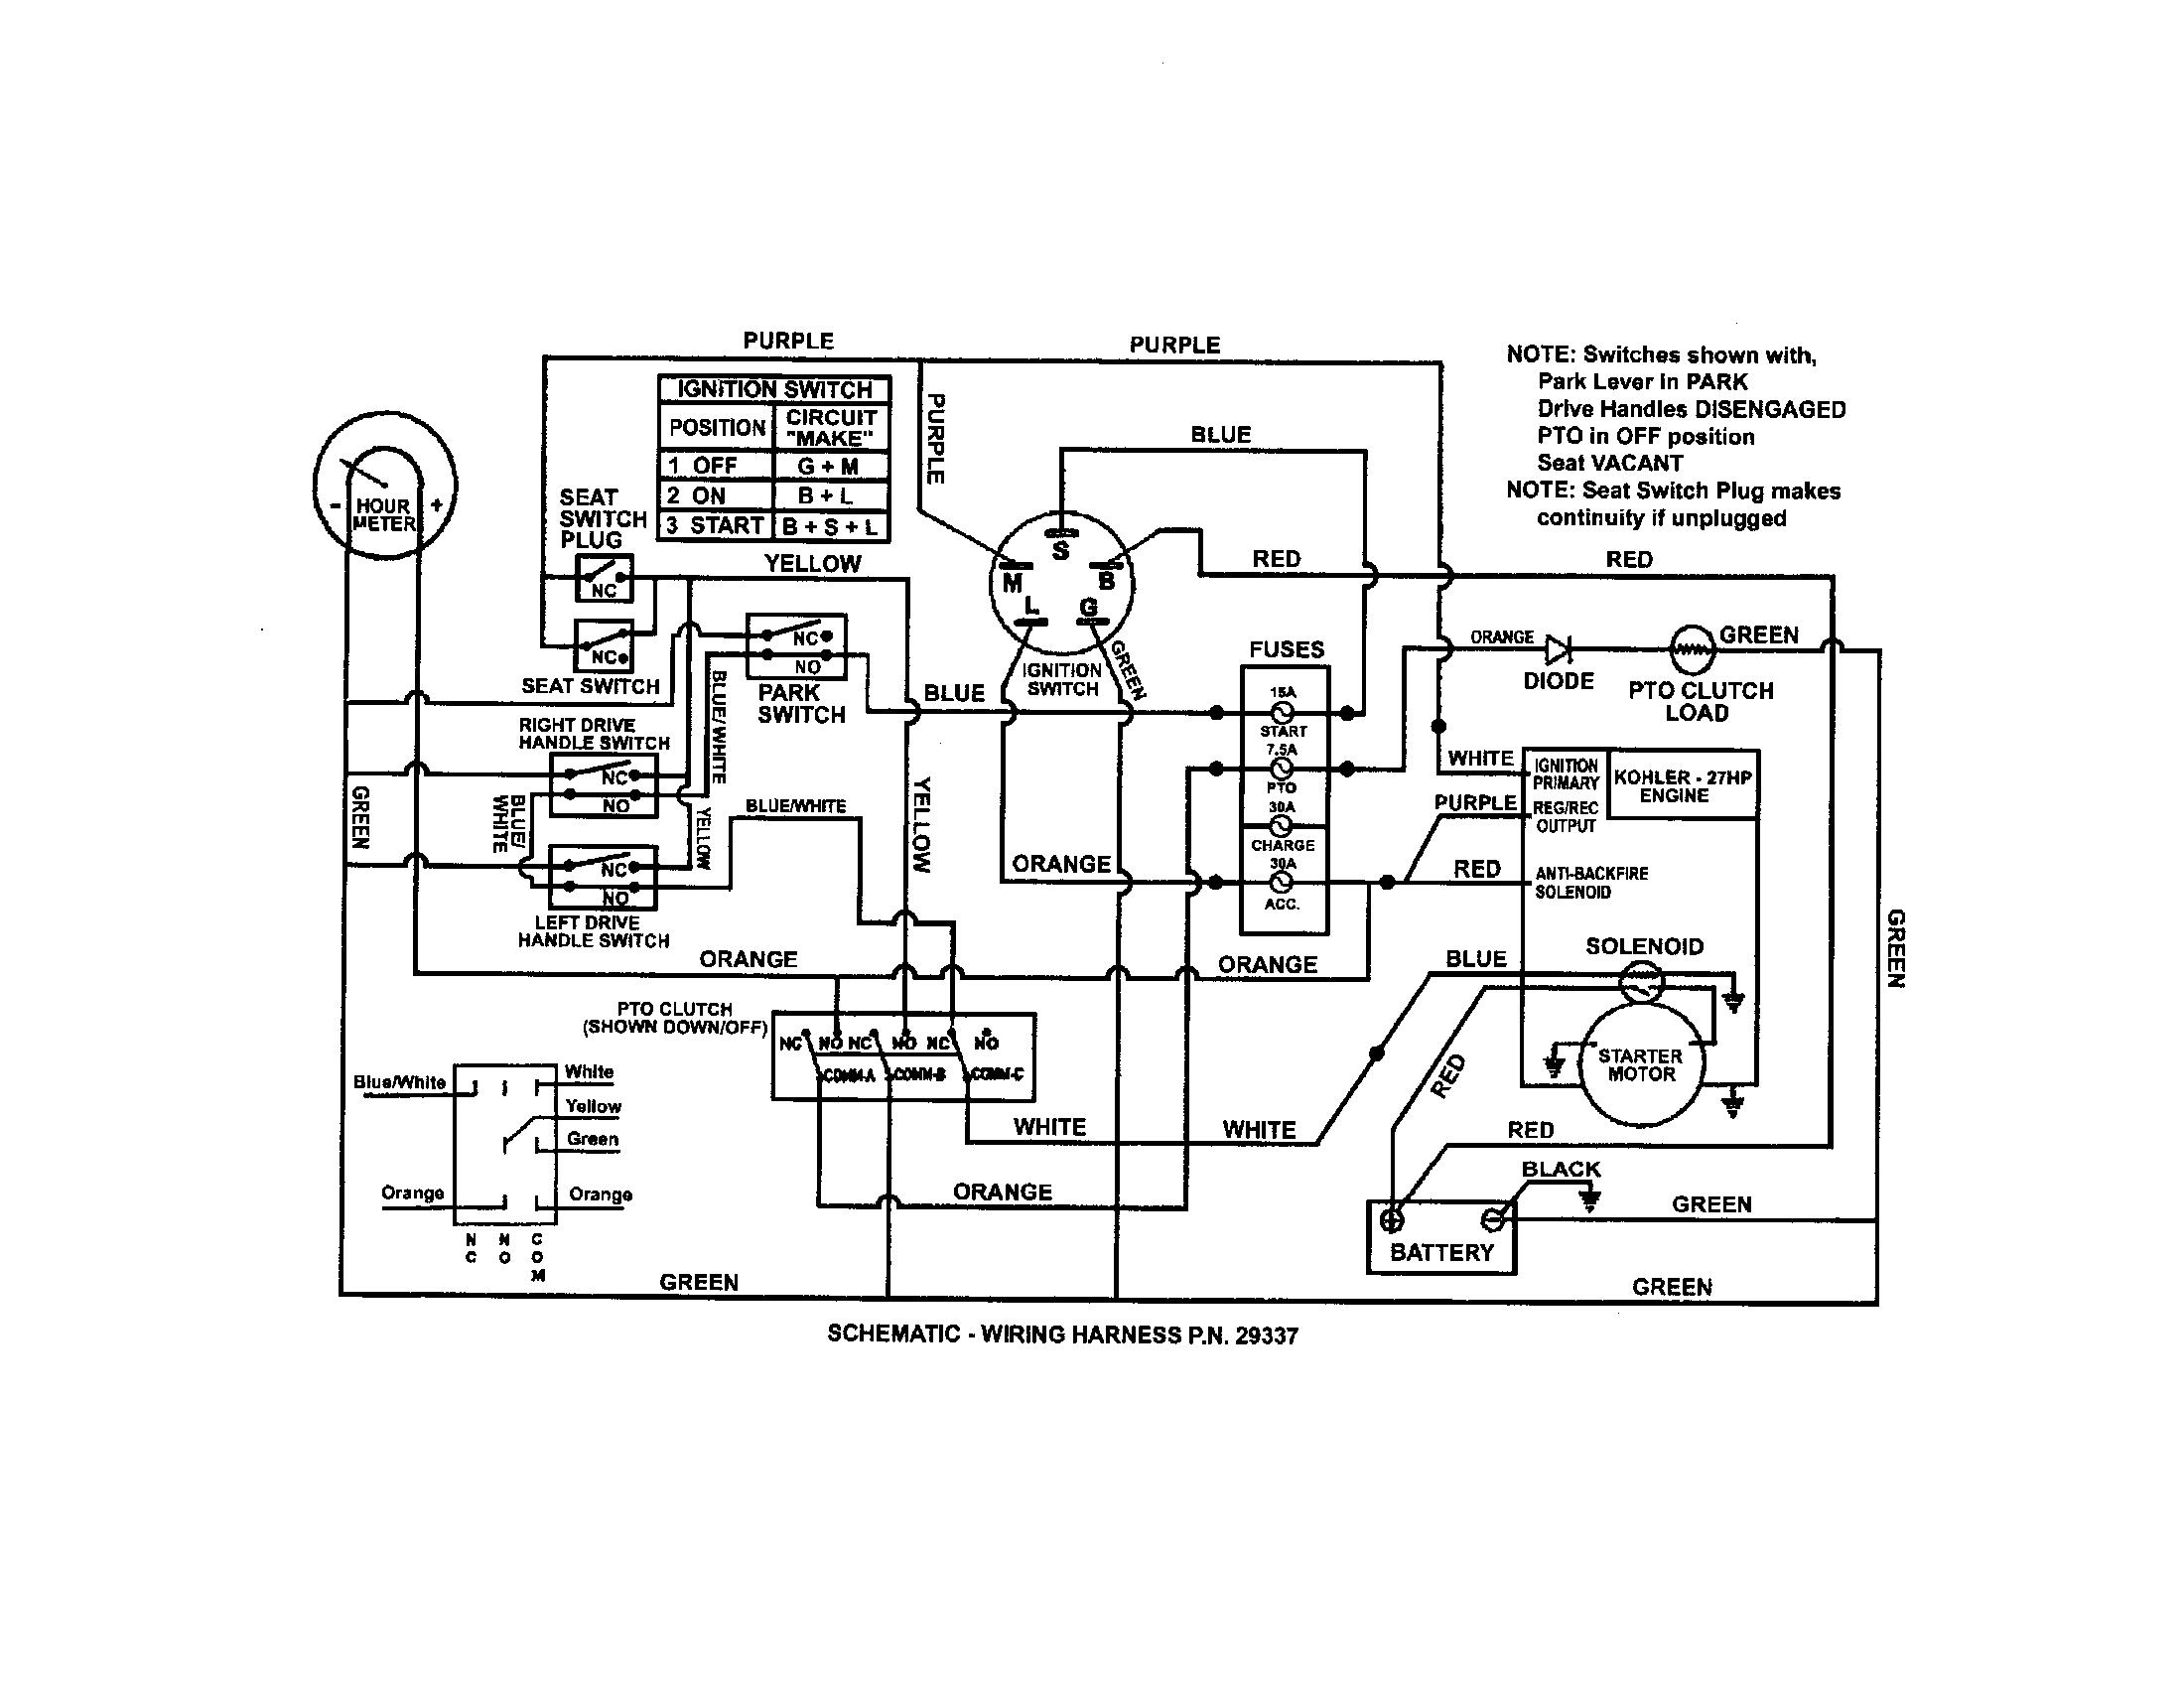 WIRING SCHEMATIC (KOHLER ENGINE) Diagram & Parts List For